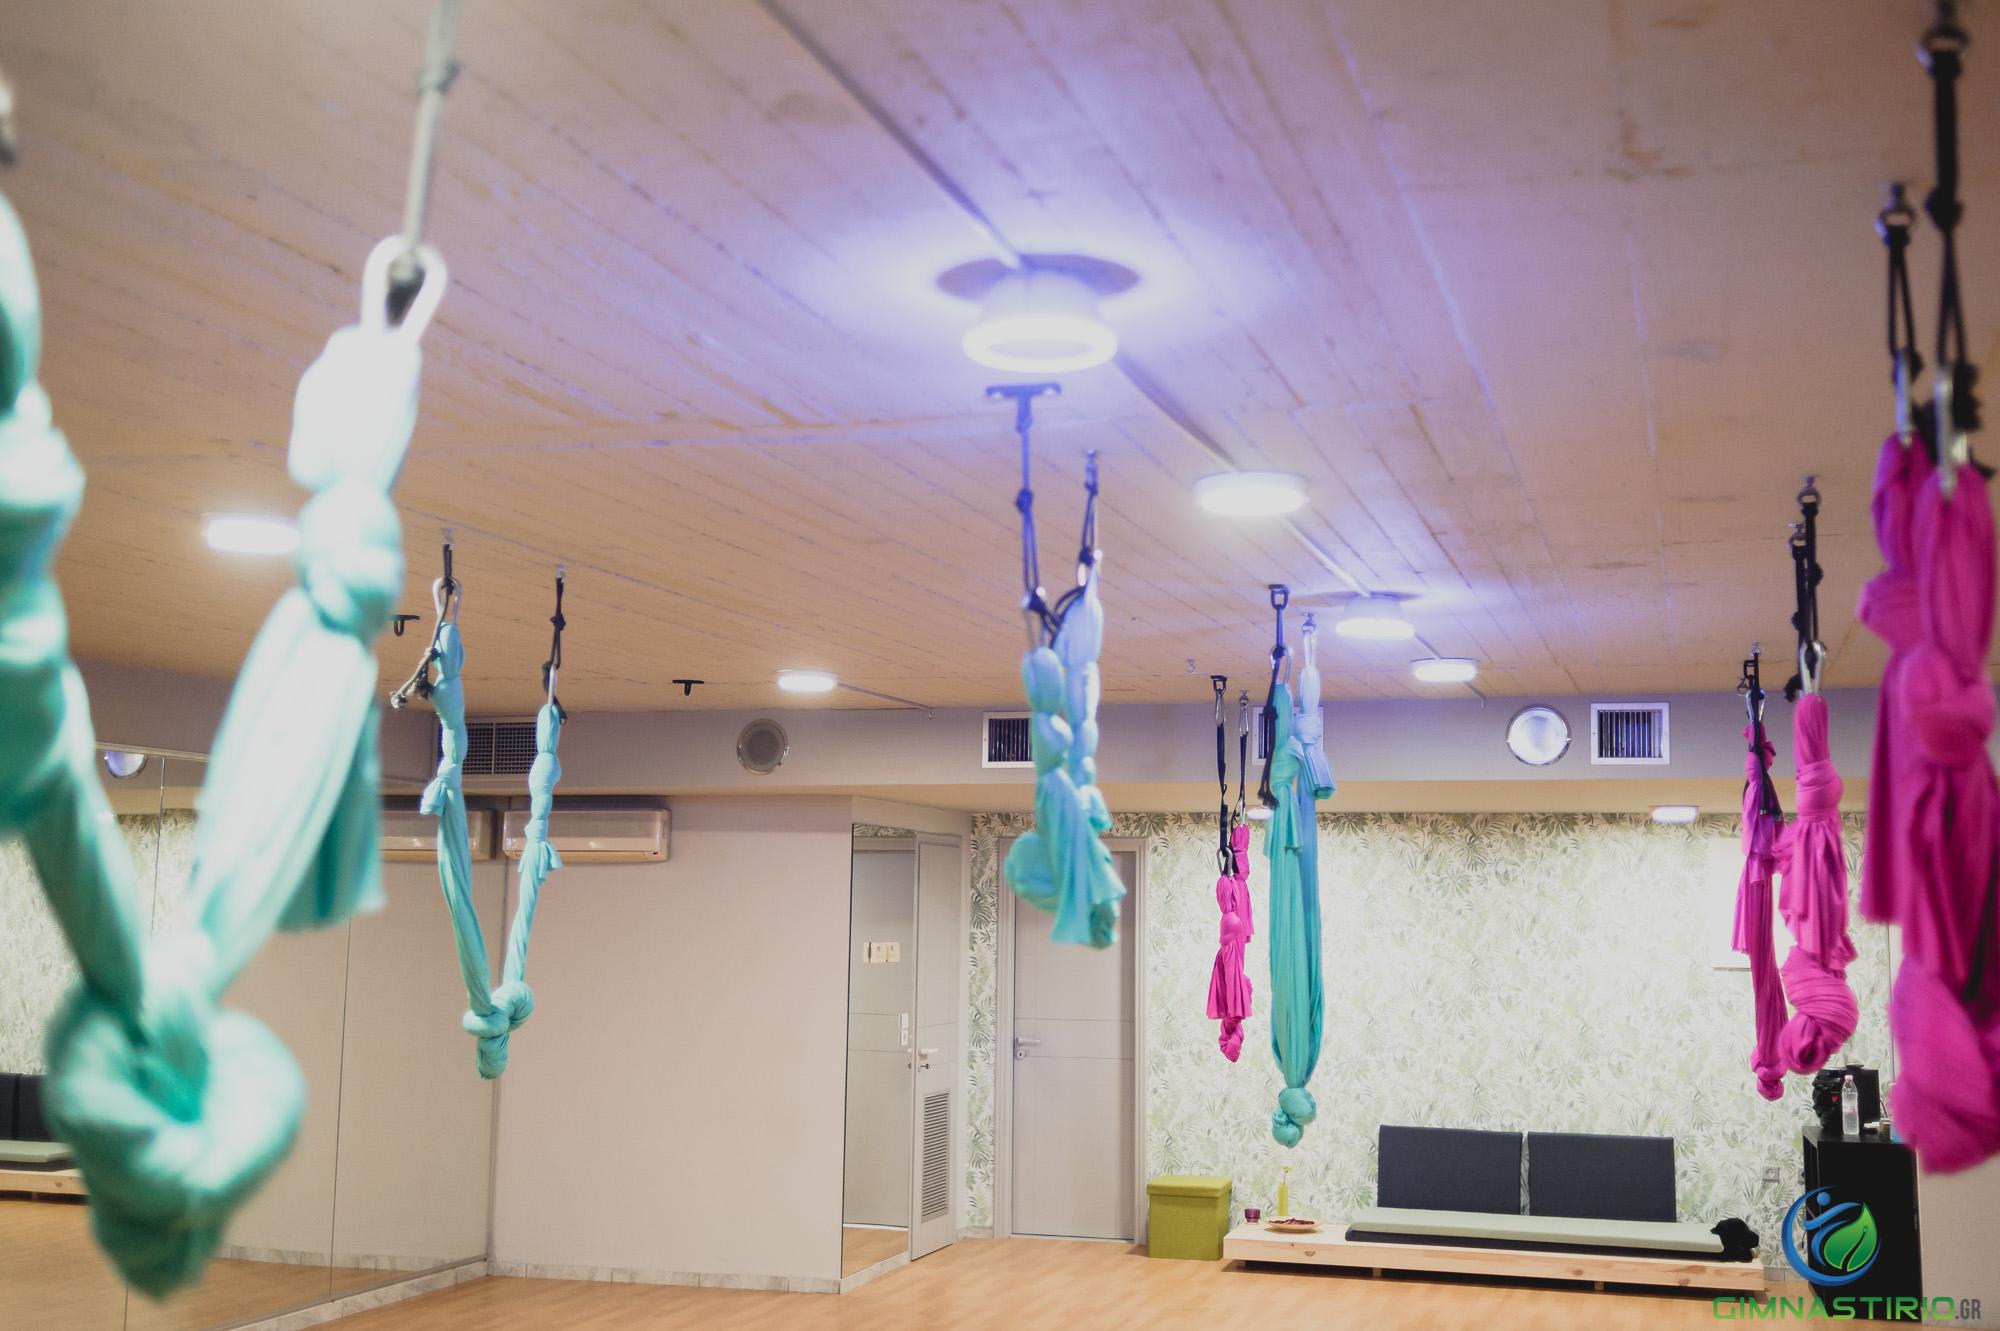 29€ για έναν (1) μήνα συνδρομή στο πρόγραμμα Aerial Yoga στο γυμναστήριο Caestus στη Νέα Ιωνία! Αρχικής αξίας 65€ - Έκπτωση 55%